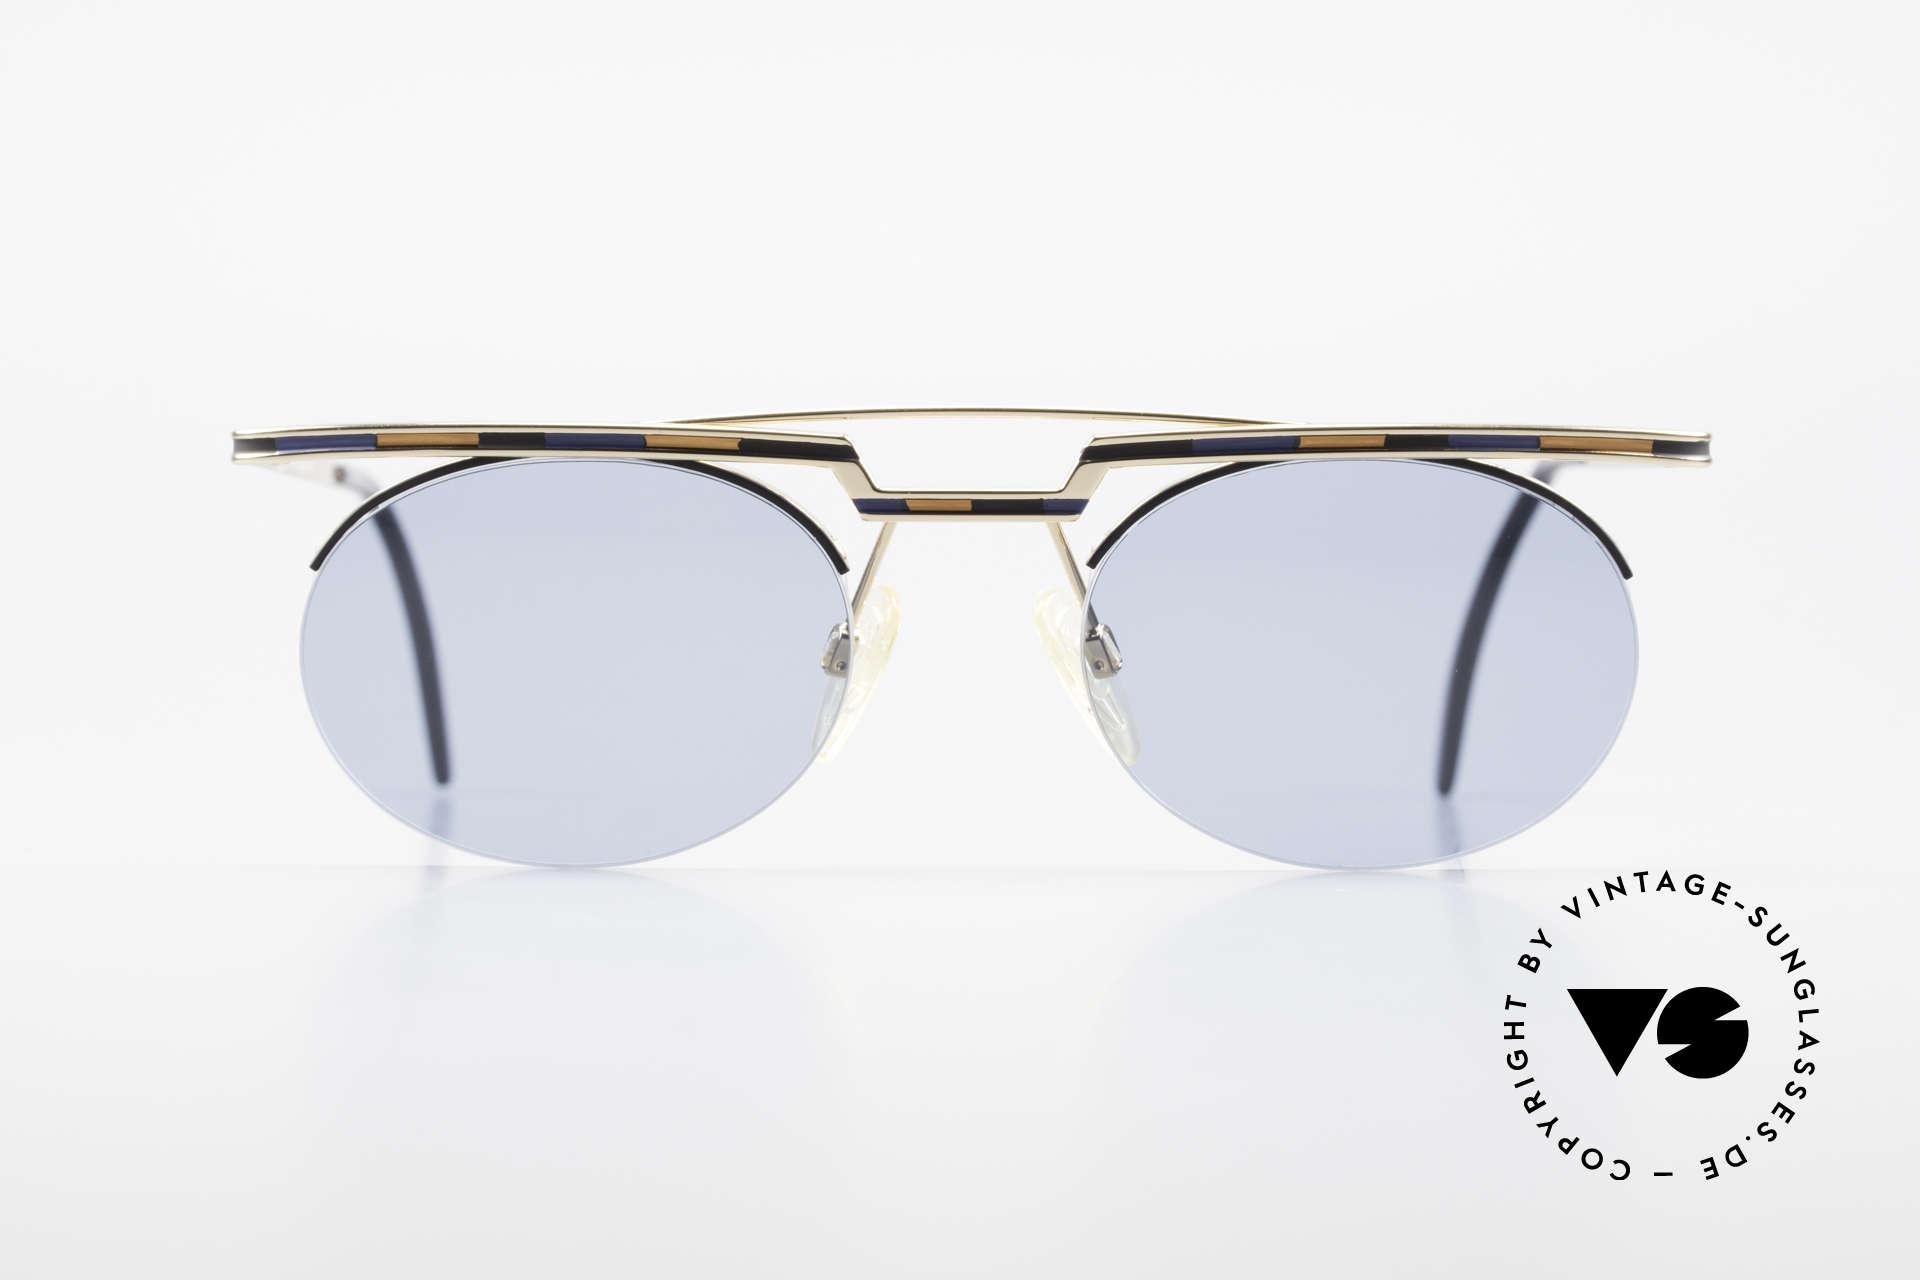 Cazal 758 Original 90er Sonnenbrille, tolles geometrisches Spiel (oval und eckig zugleich), Passend für Herren und Damen